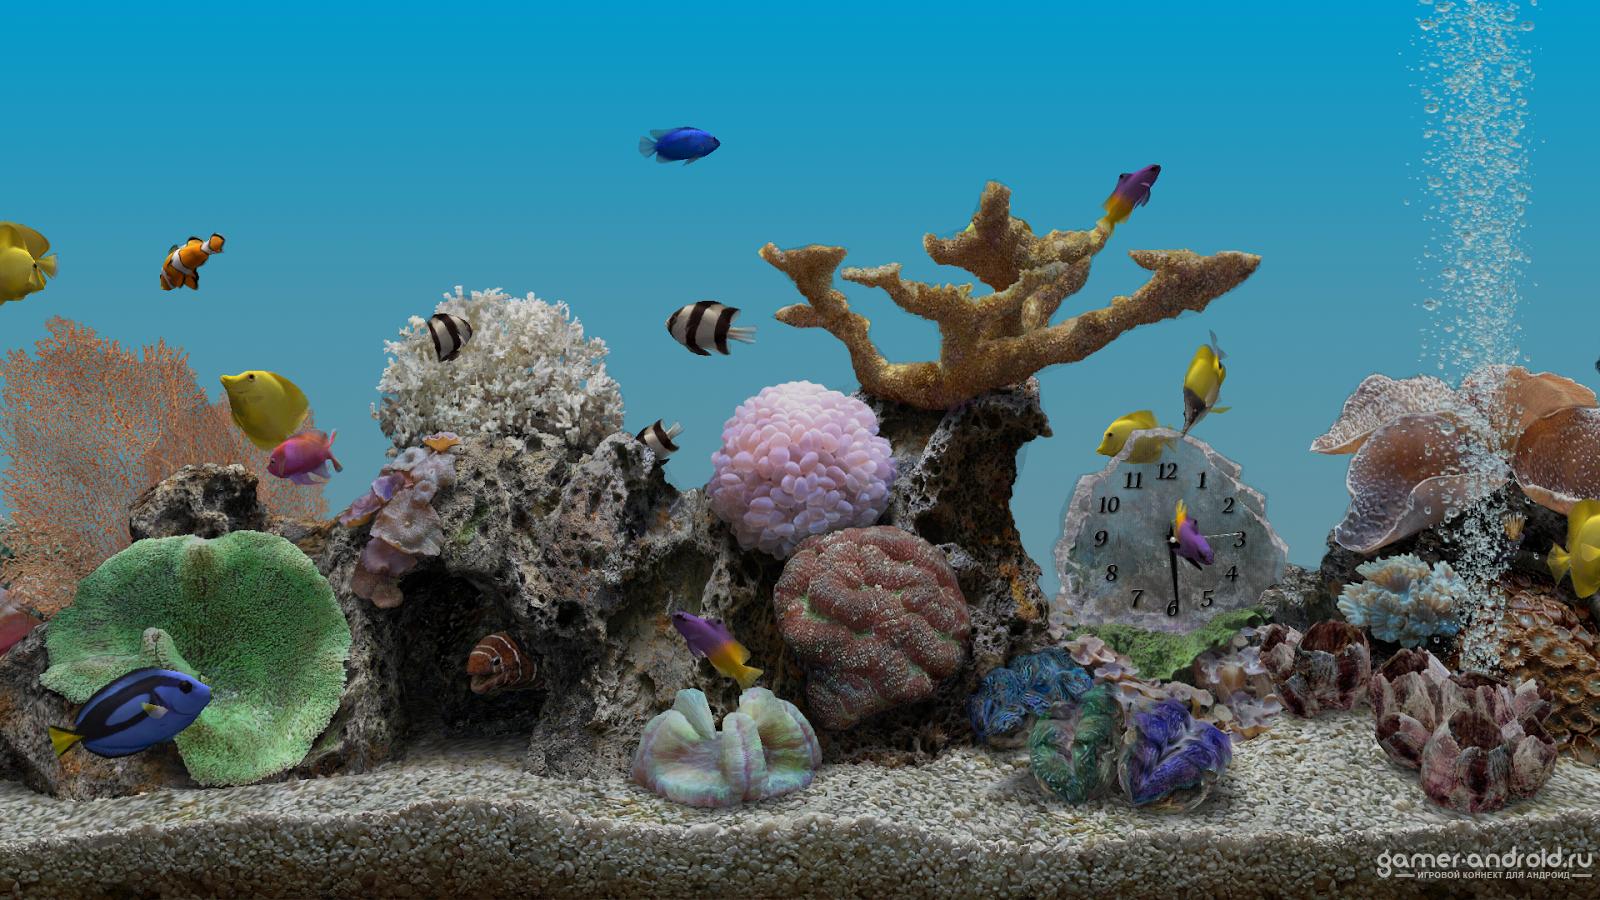 Картинка на рабочий стол аквариум анимация